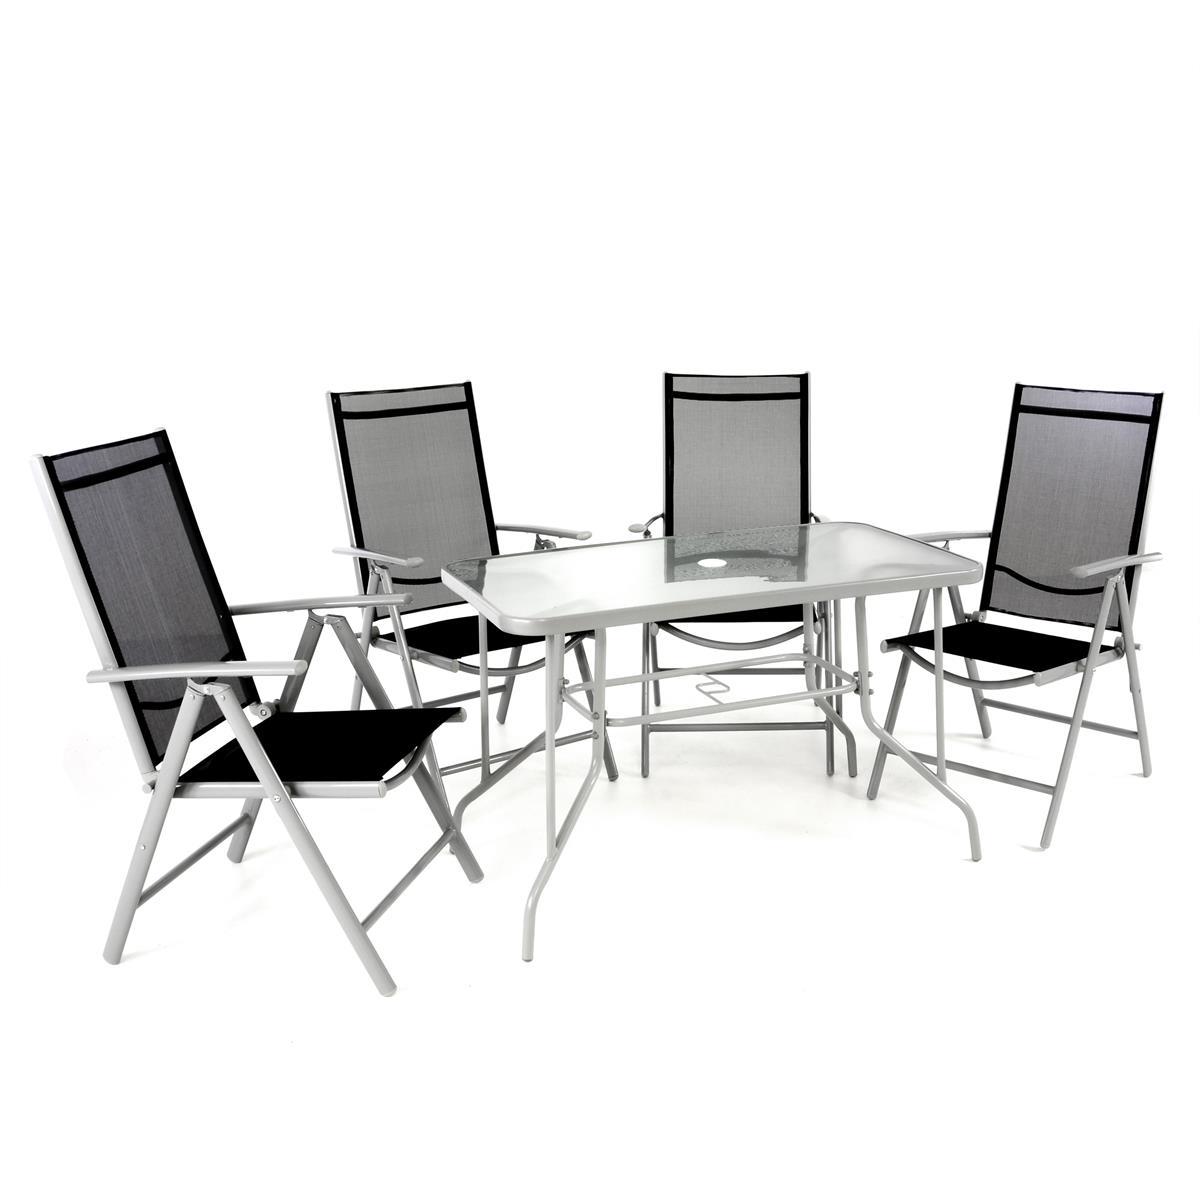 5-teiliges Gartenmöbel-Set schwarz grau Gartengarnitur Klappstühle & Esstisch